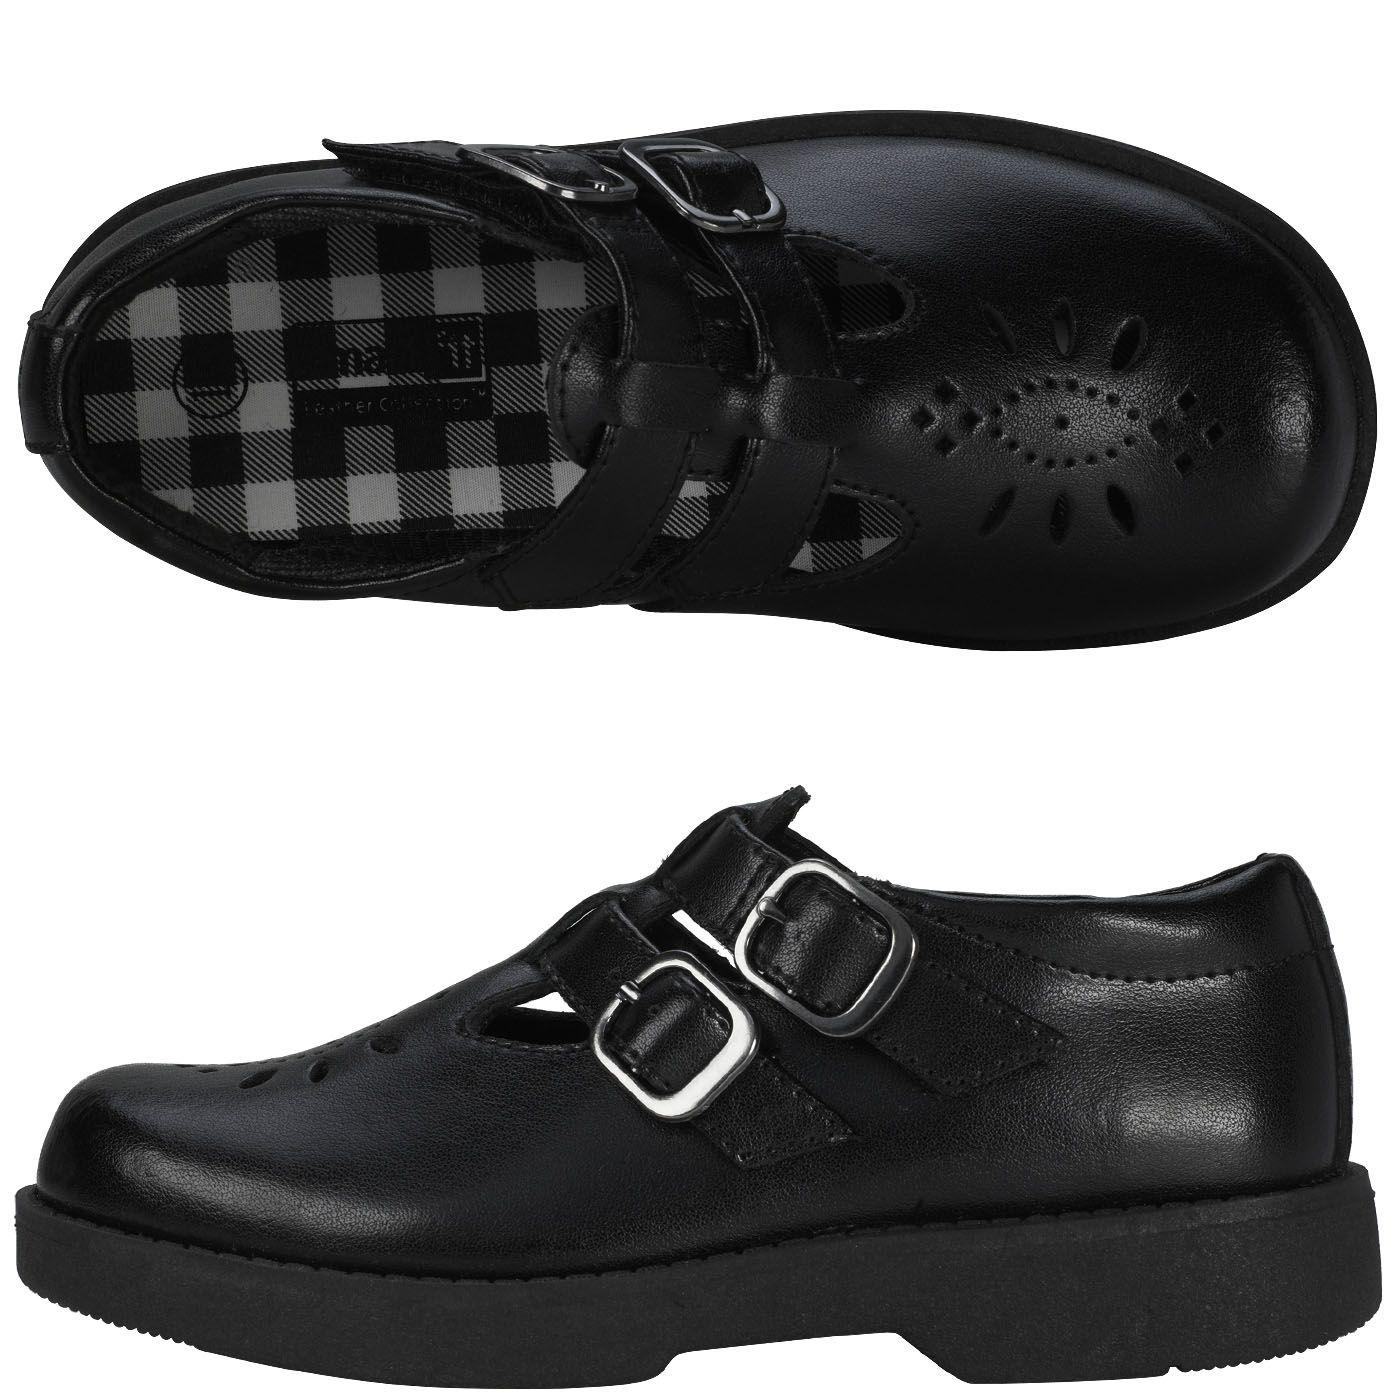 e49e3ff8 ¿Necesitas zapatos escolares? En Payless consigues variedad y buenos  precios para niños y niñas. #QuéSuerte #Payless #BackToSchool